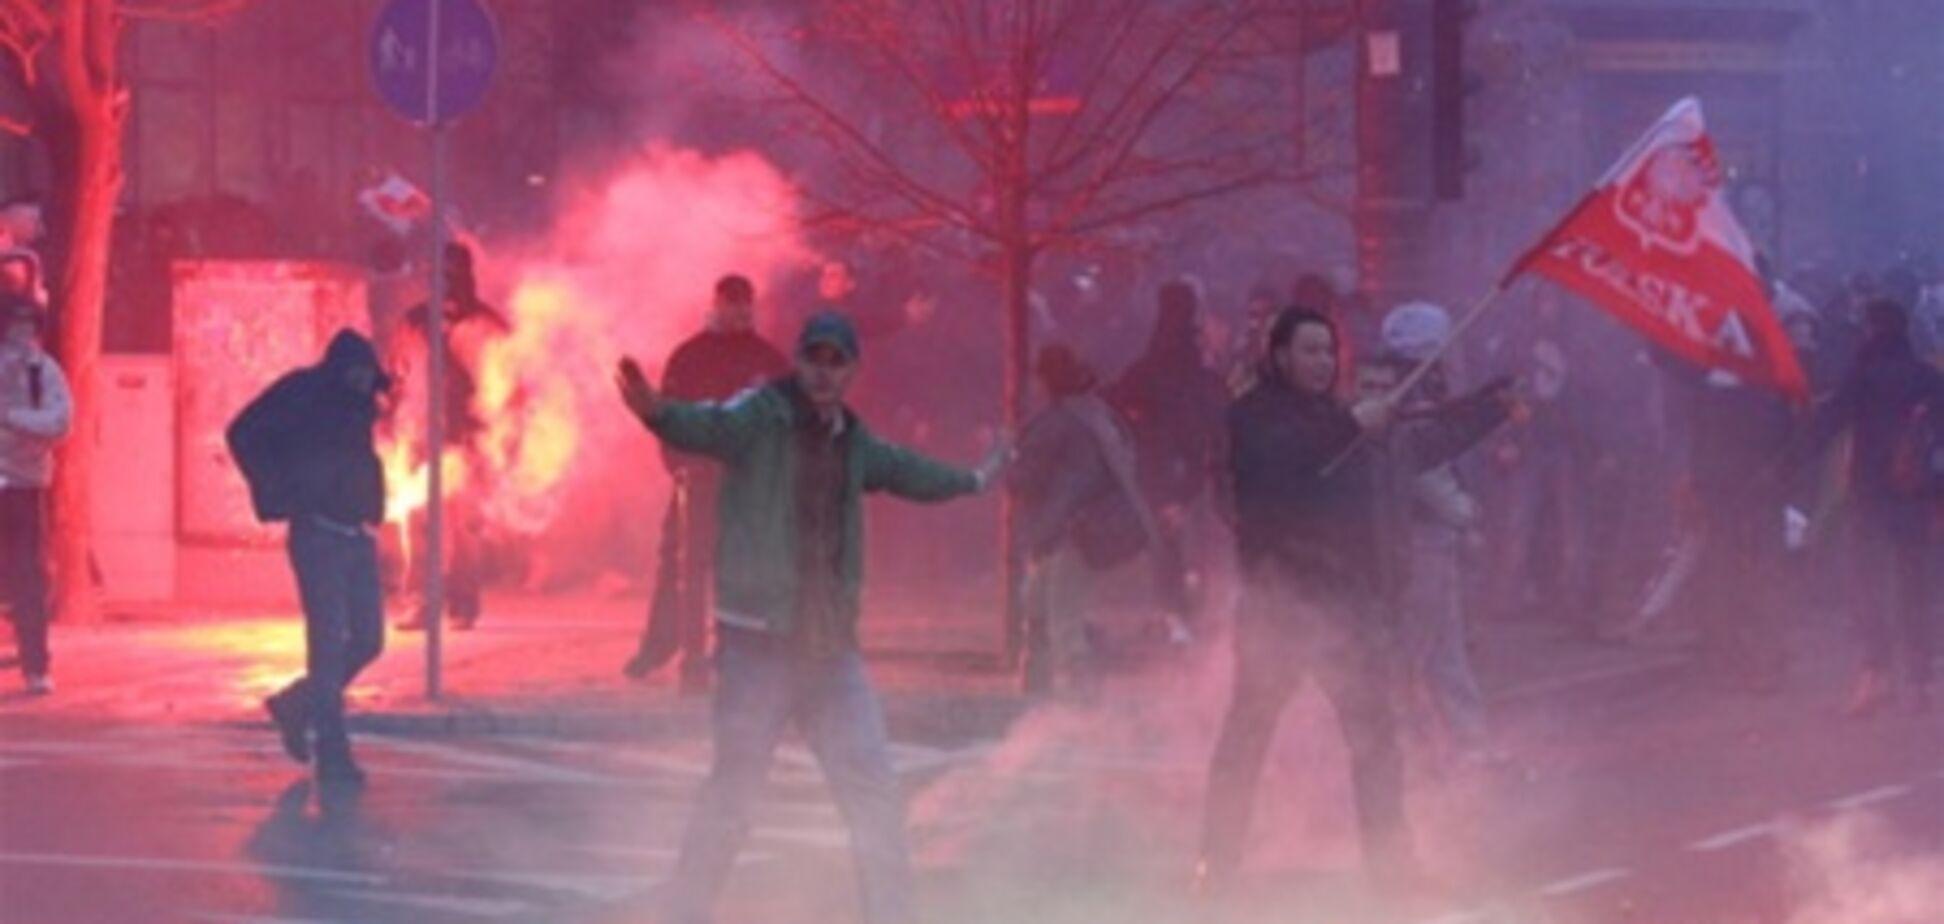 День Независимости Польши: дубинки, газ, аресты. Фото. Видео